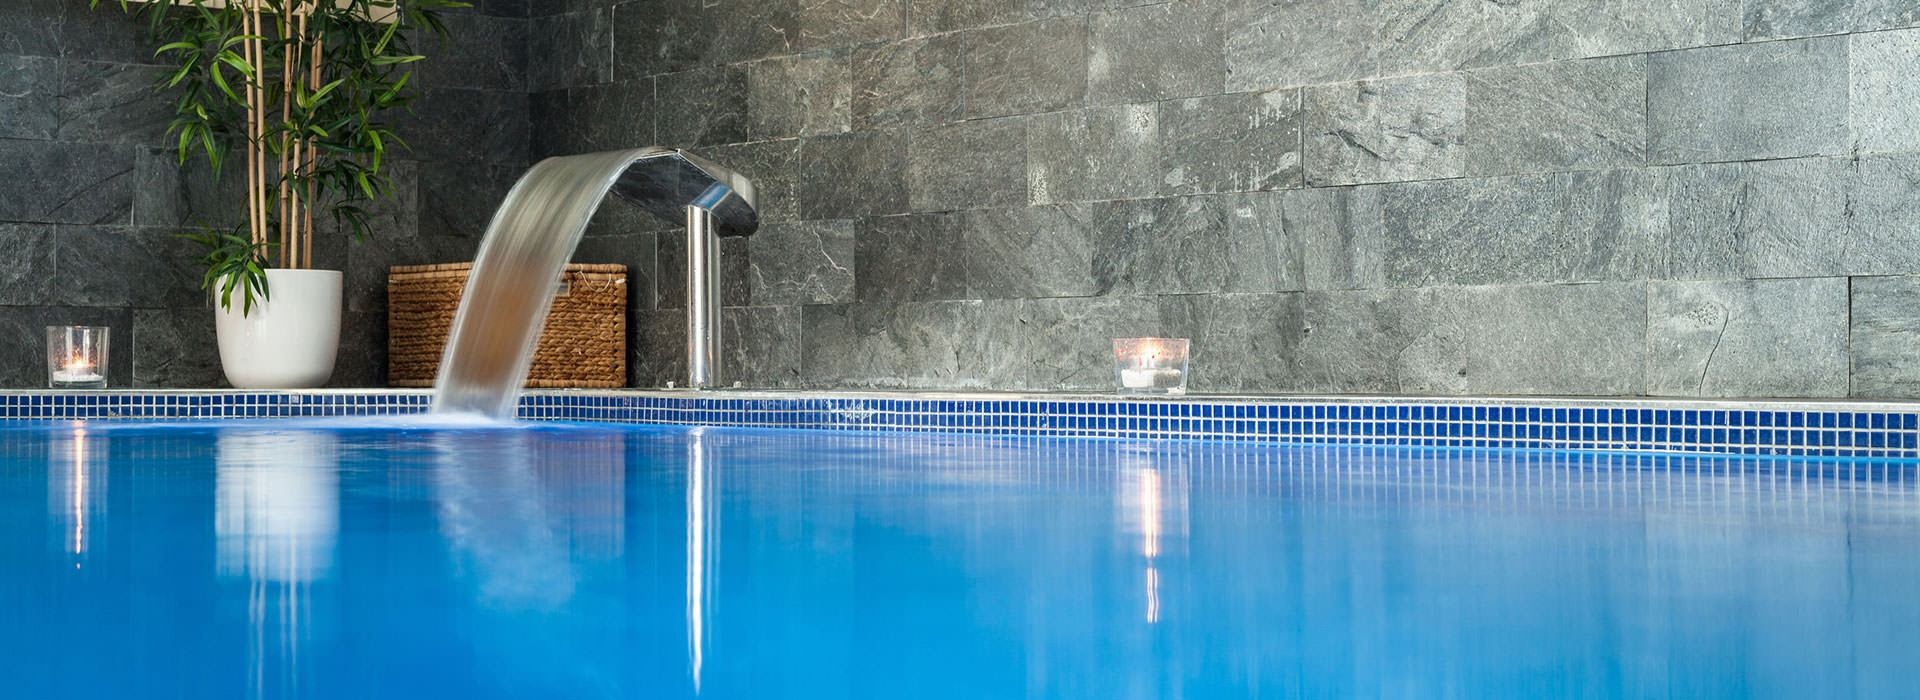 Dise o y construcci n de piscinas en costa rica - Diseno y construccion de piscinas ...